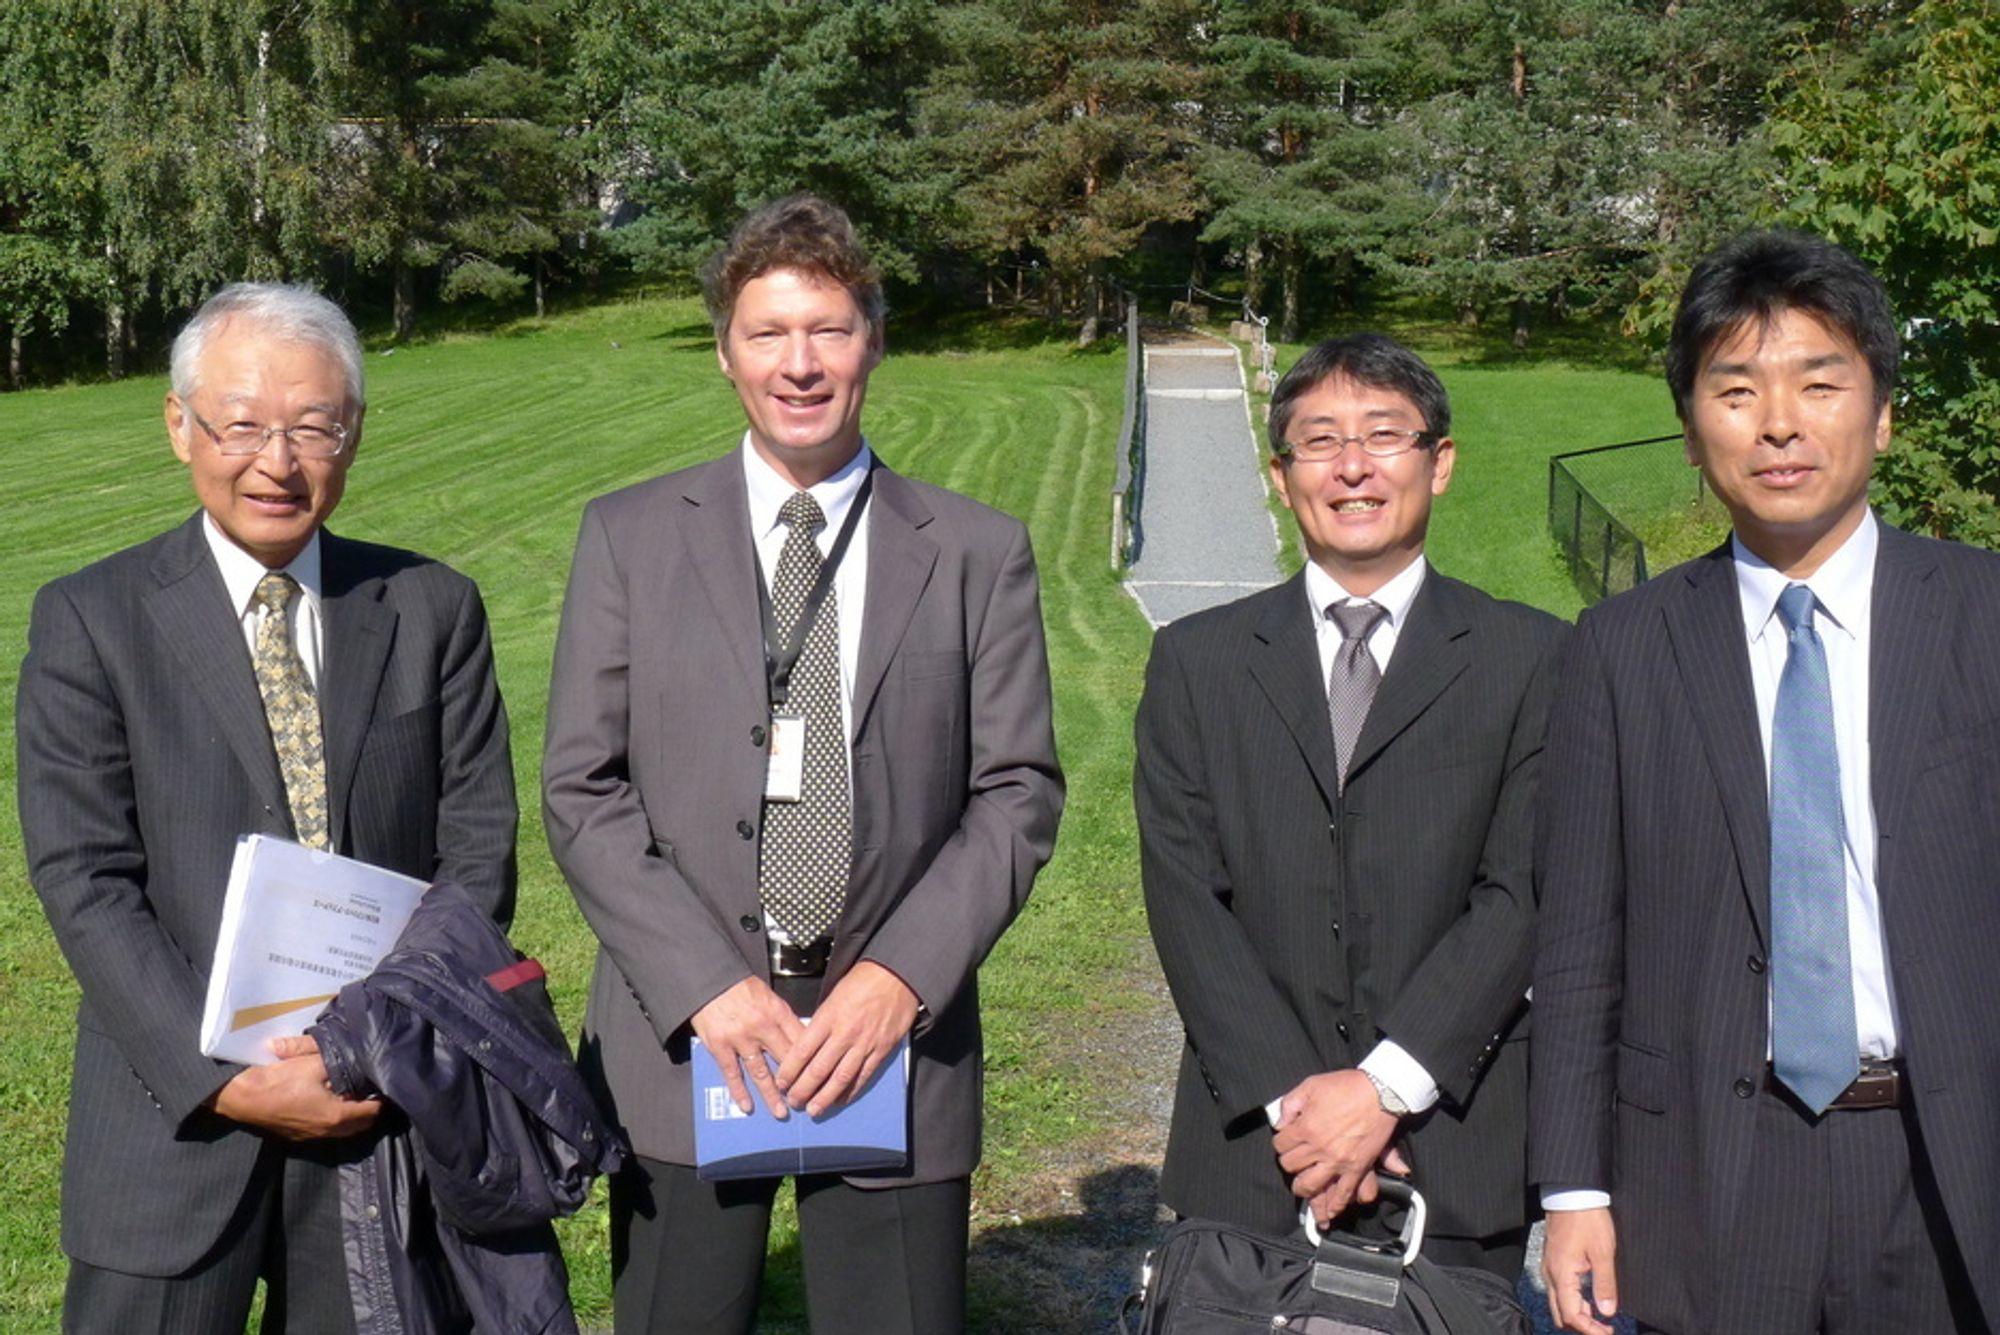 PÅ BESØK: Professor ved National Graduate Institute for Policy Studies Grips, Yoshitsugu Kanemoto, direktører i Kansai Electric Power Shimpei Konishi og Koji Teramachi besøkte Statnett. Her sammen med senior rådgiver i Statnett Anders Sivertsgård.